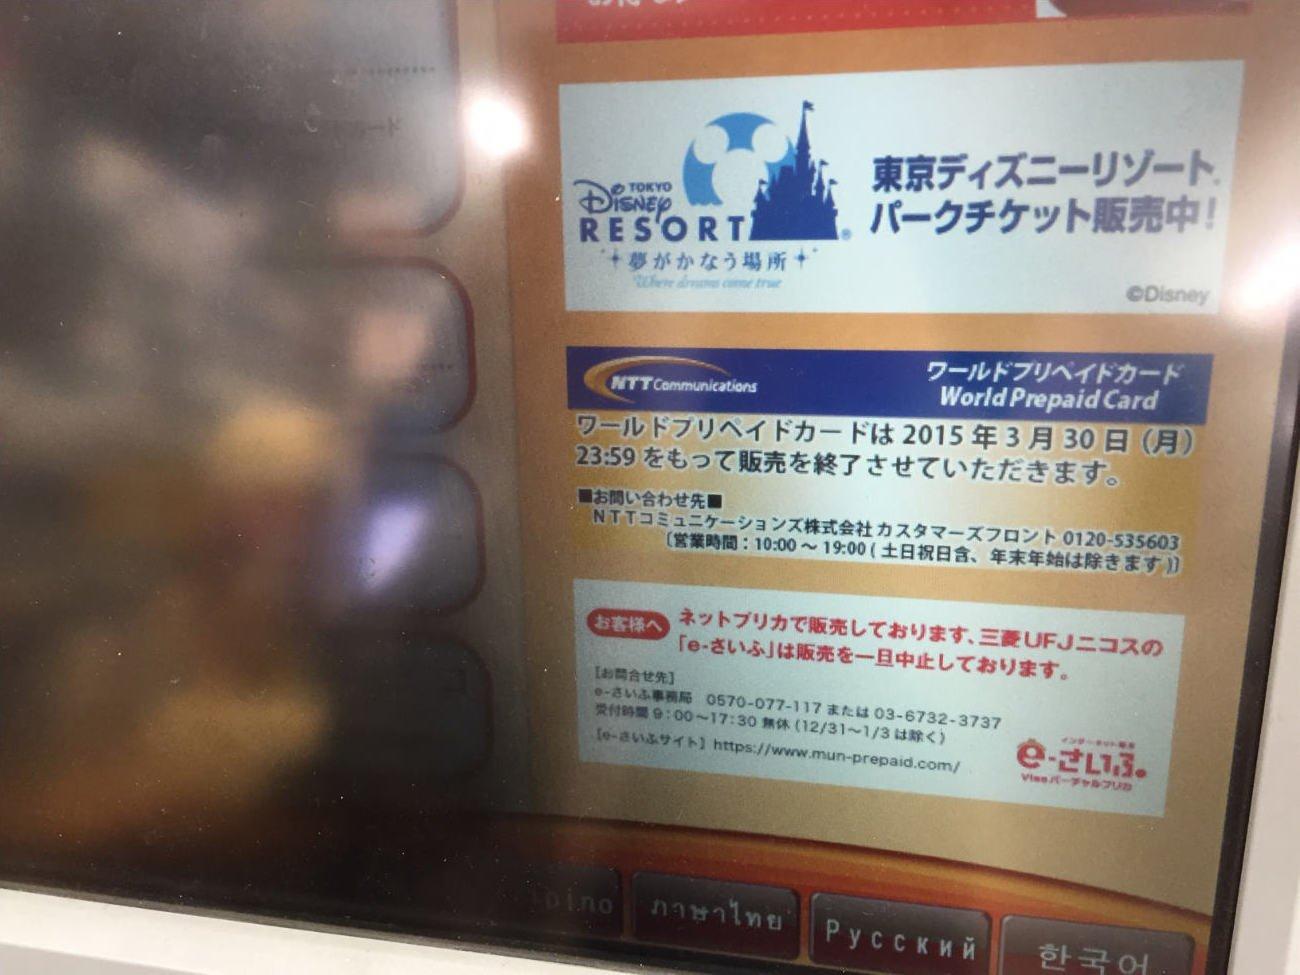 ディズニー】コンビニチケットでも直接入園&入園保証!ディズニー